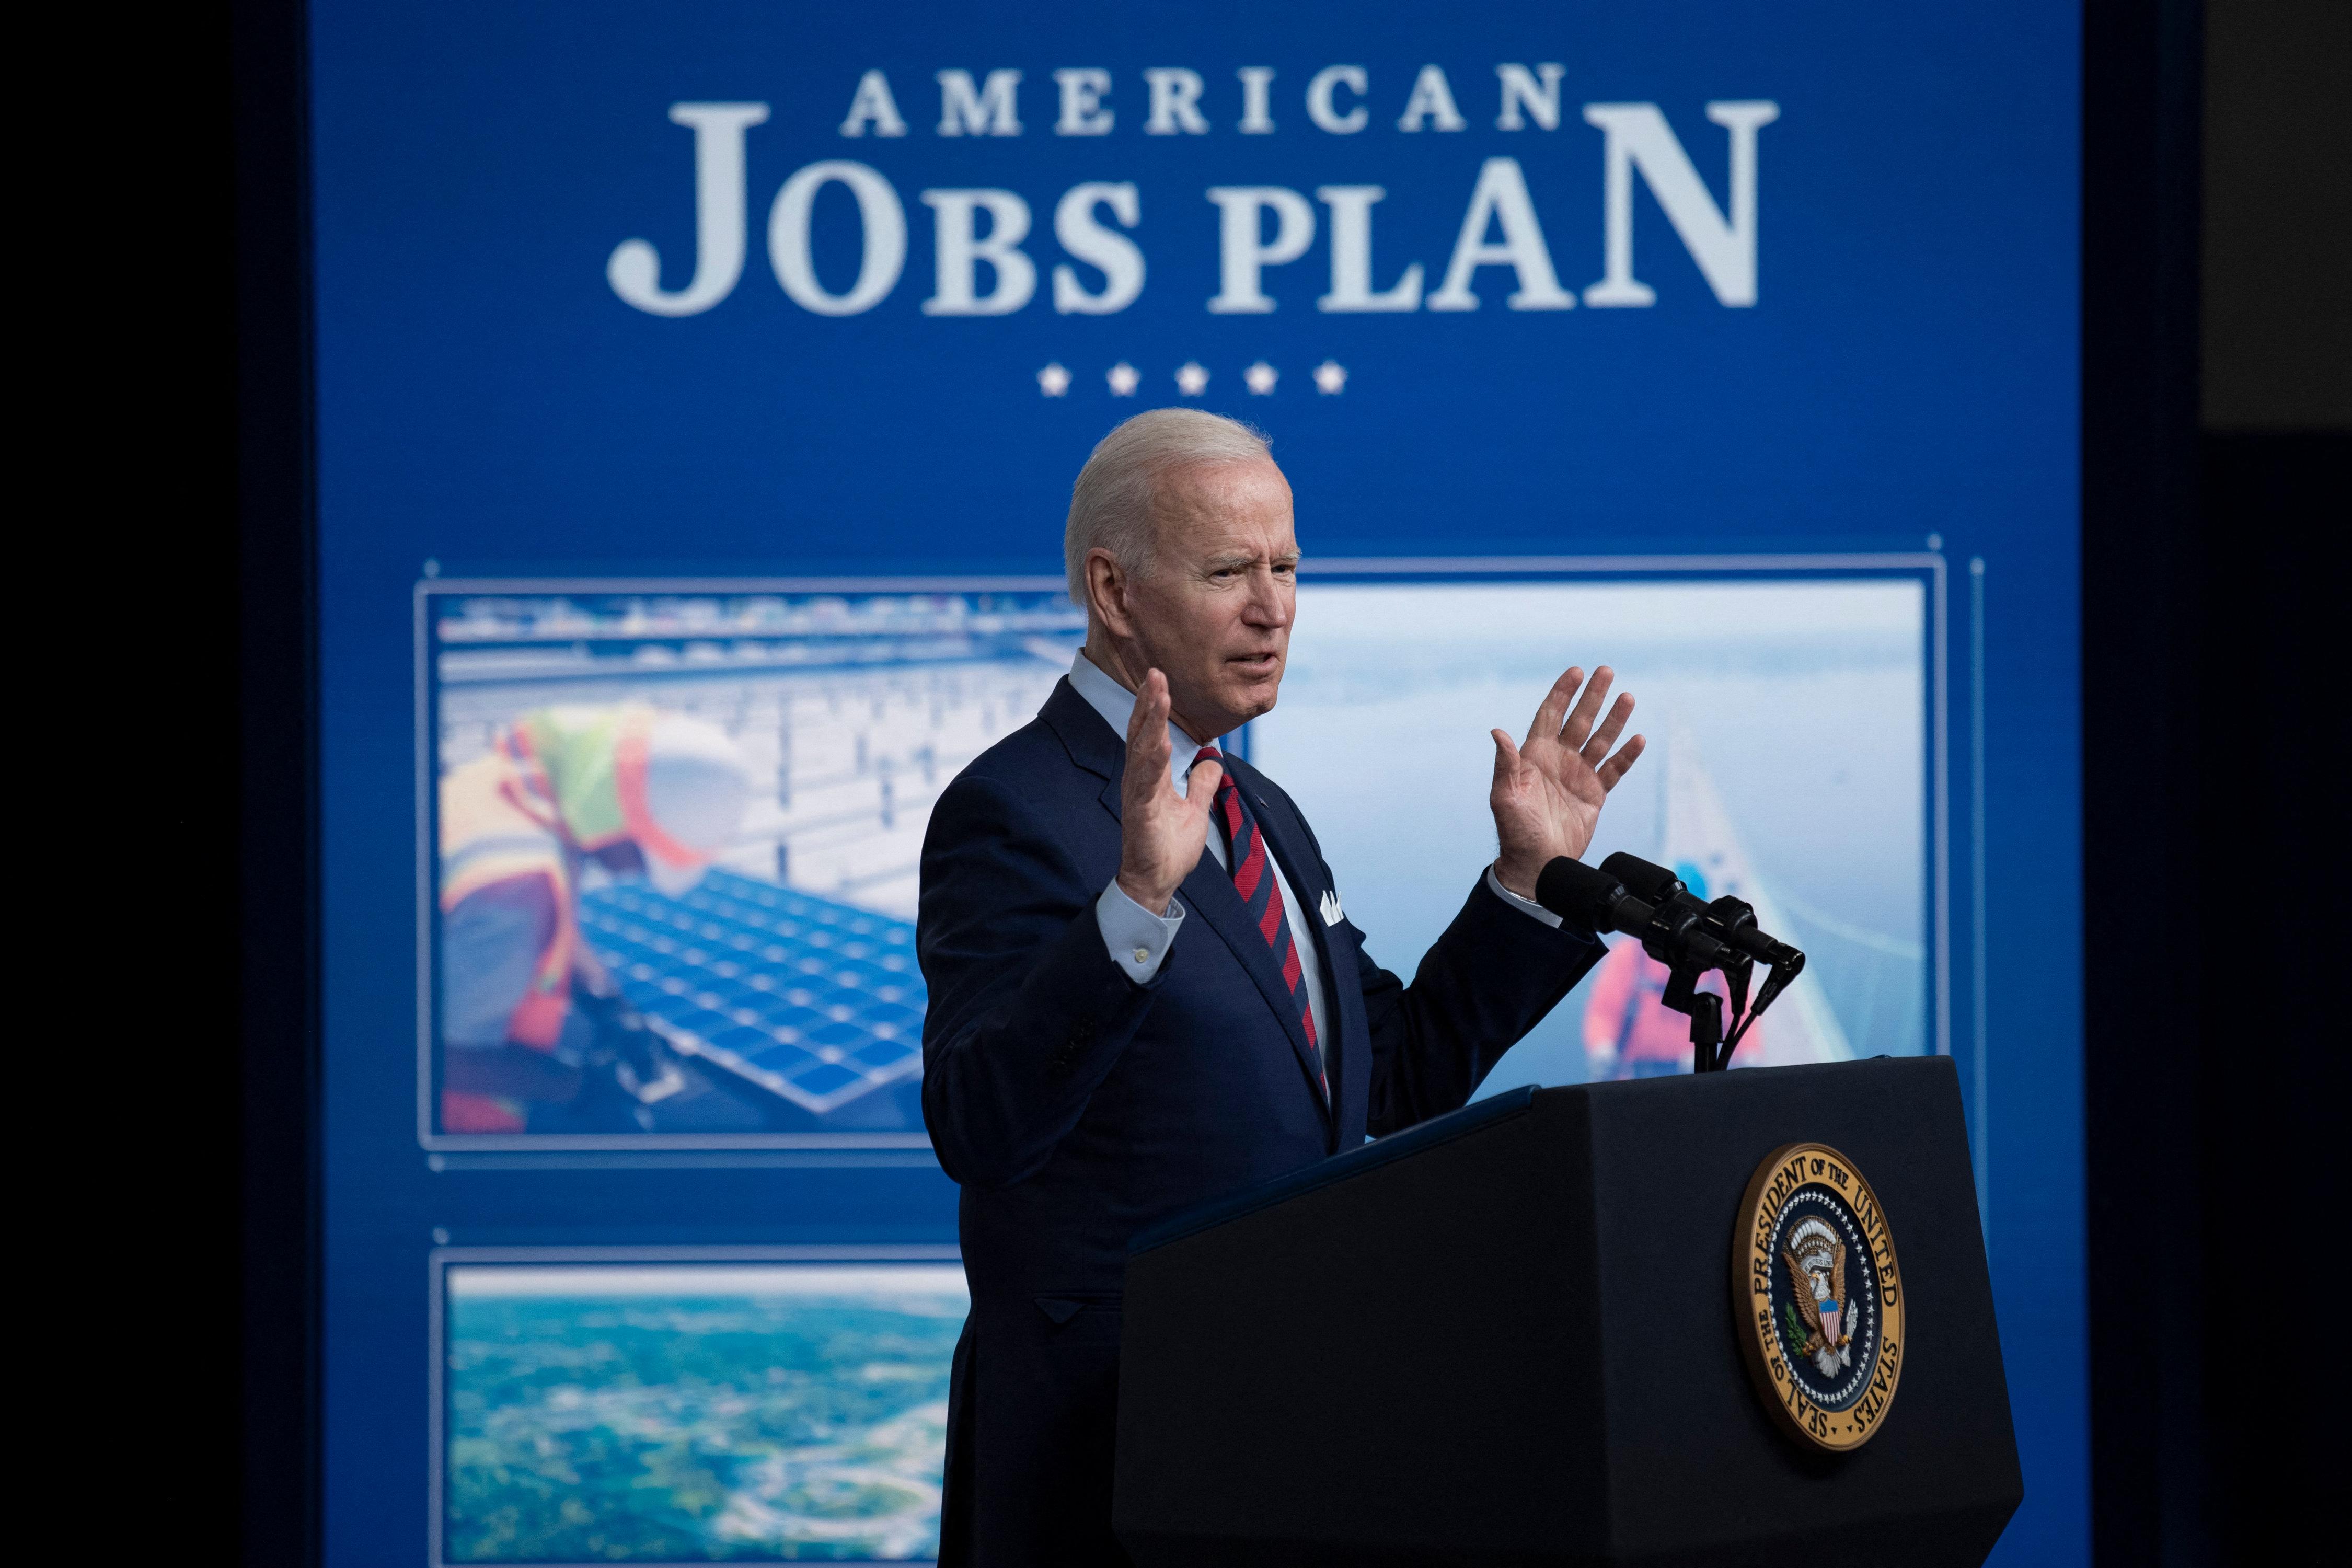 (Segundo Biden, em meio a tantas mudanças no mundo, os Estados Unidos devem liderar transformações. Foto: Brendan Smialowski / AFP  )